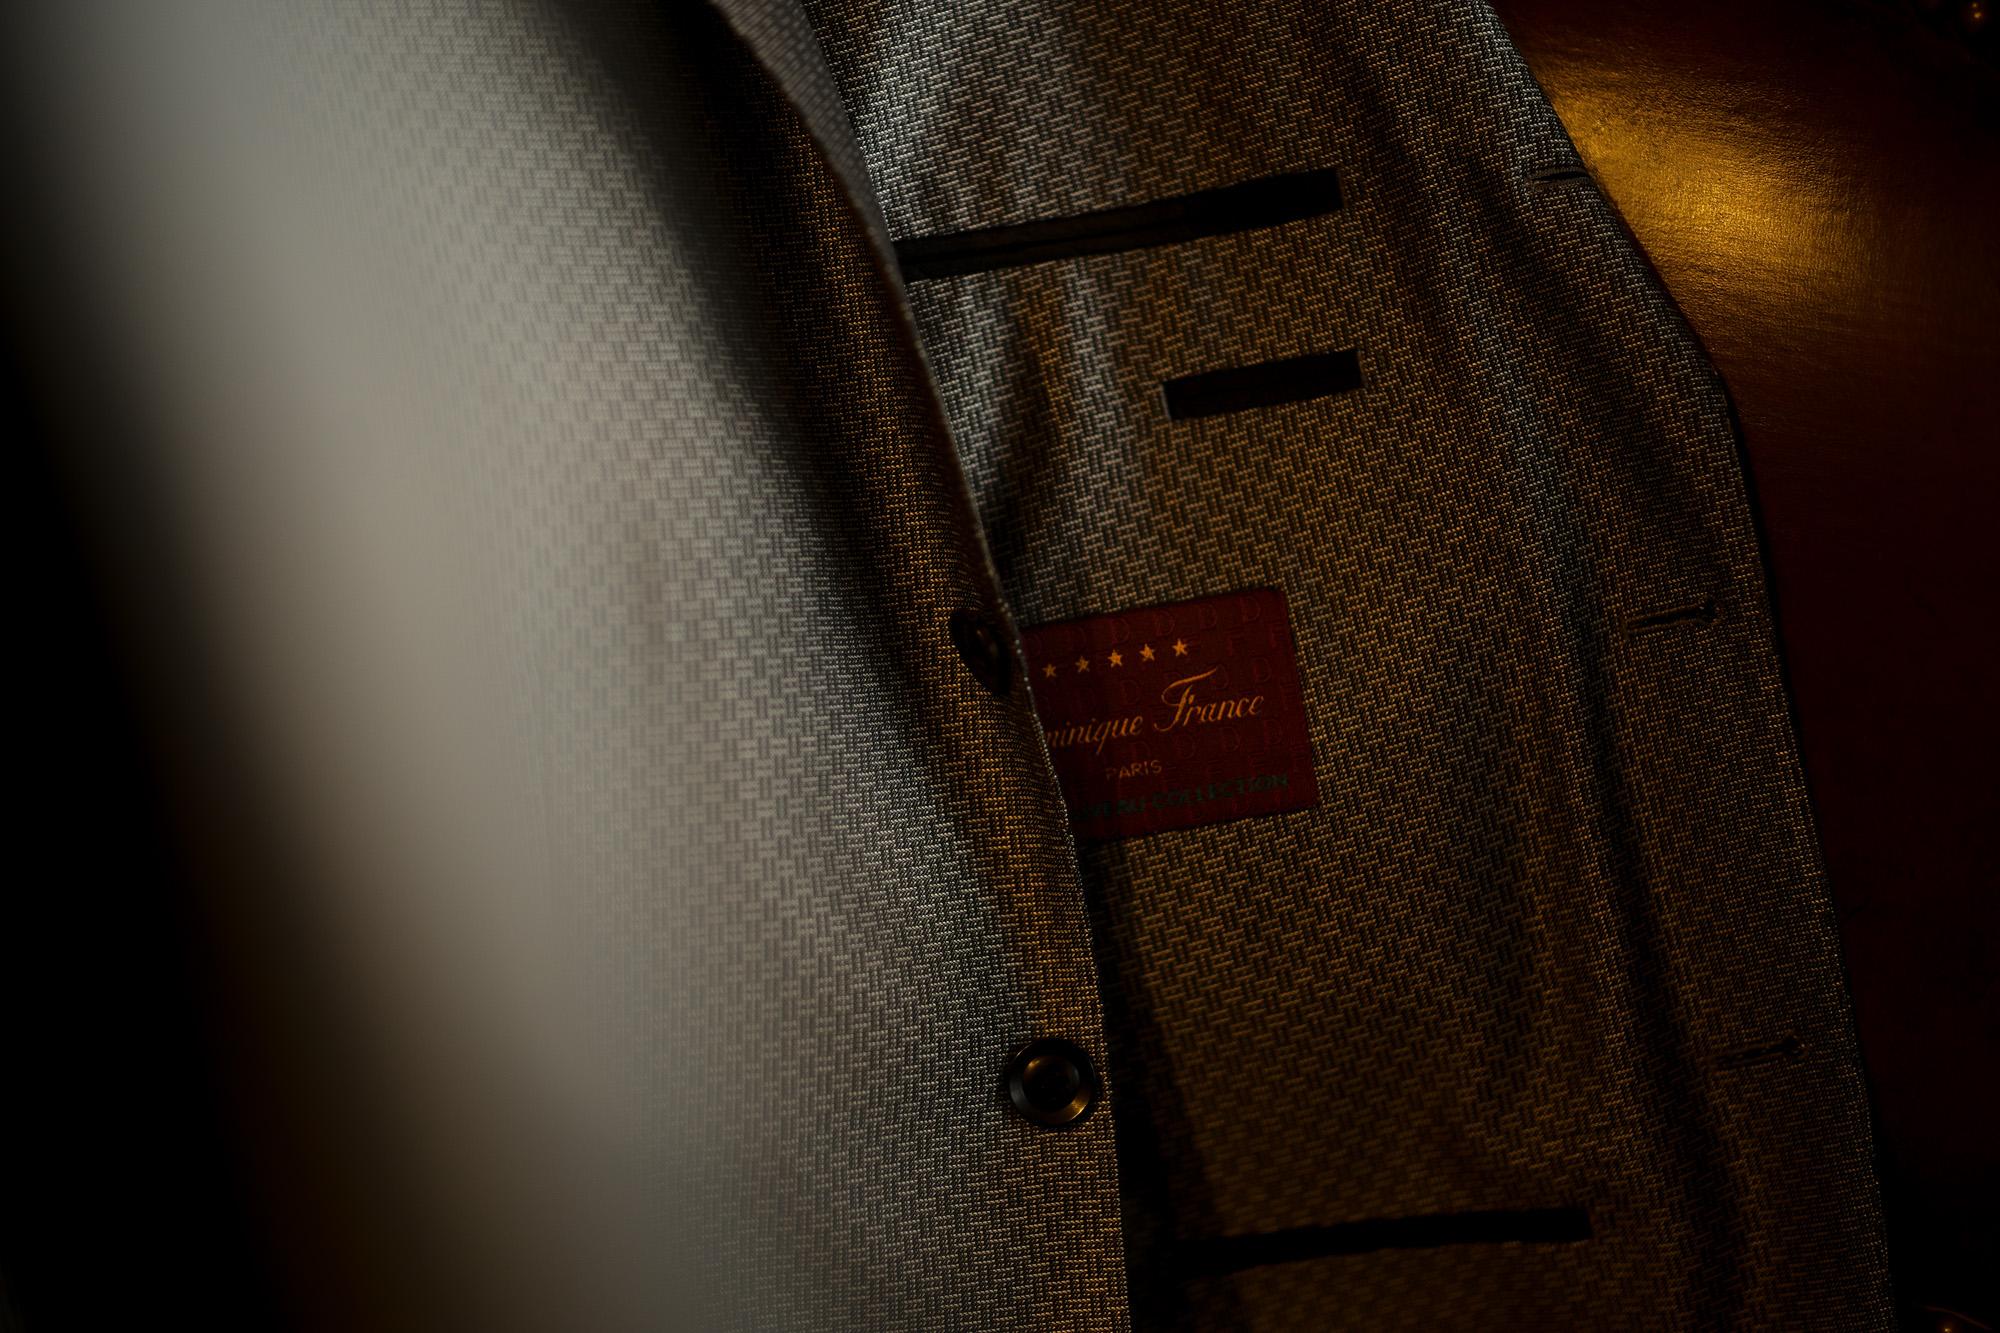 """cuervo bopoha (クエルボ ヴァローナ) Sartoria Collection (サルトリア コレクション) Lobb (ロブ) Dominique France (ドミニック フランス) LORRAINE NANCY III (ロレーヌナンシー トロワ) EXCELLENT WOOL × SILK ウールシルク サマージャケット GRAY (グレー) MADE IN JAPAN (日本製) 2020 【Special Special Special Model】ドミニックフランス ドミニクフランス ジャケット 超絶ブランド ドミニクフランス ネクタイ 高級 フランス 愛知 名古屋 altoediritto アルトエデリット"""" width=""""2000"""